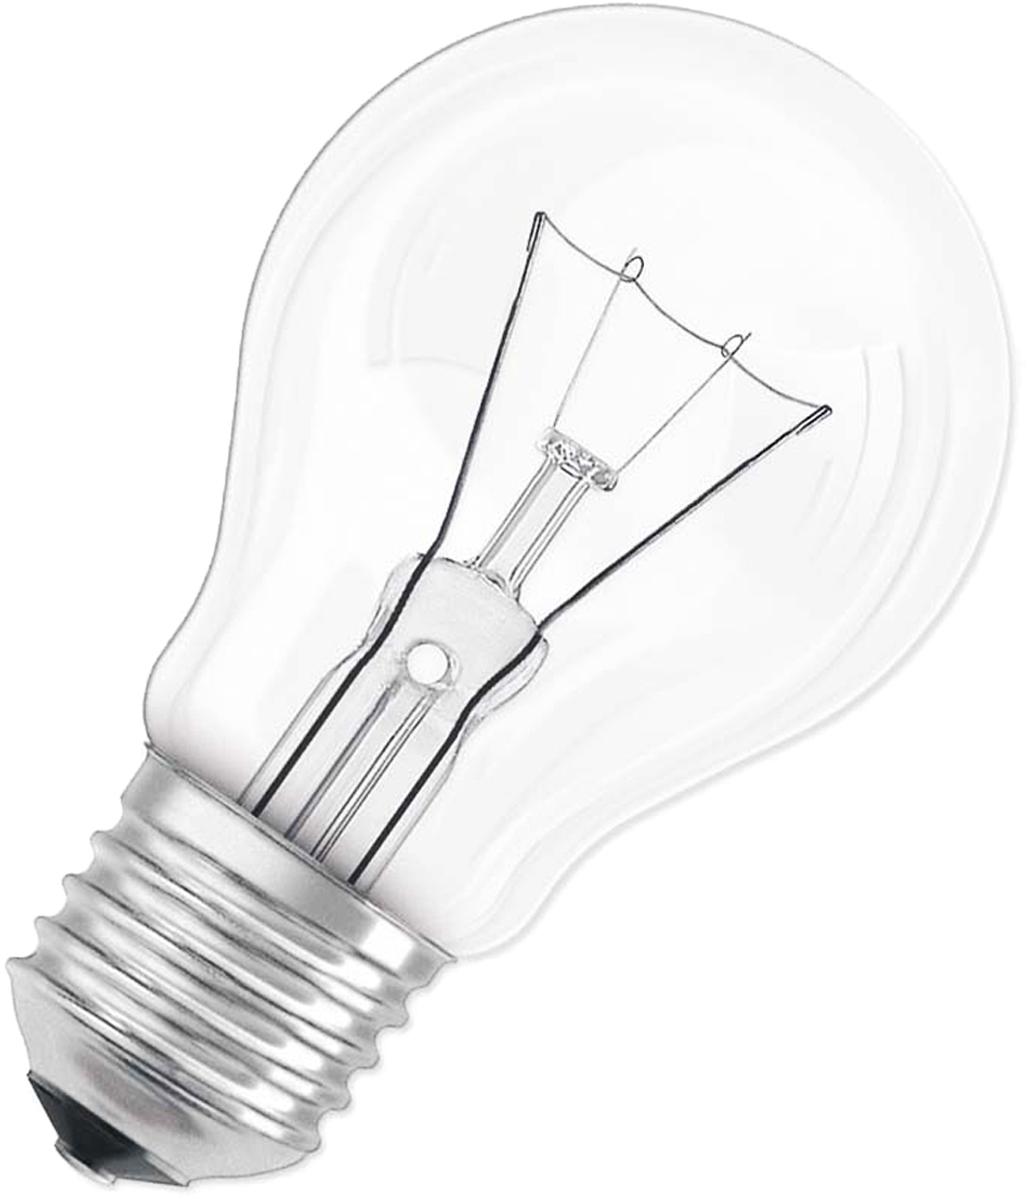 """Лампа накаливания Osram """"Classic"""" A CL 95W 230V E27 NCE. 4058075027831"""